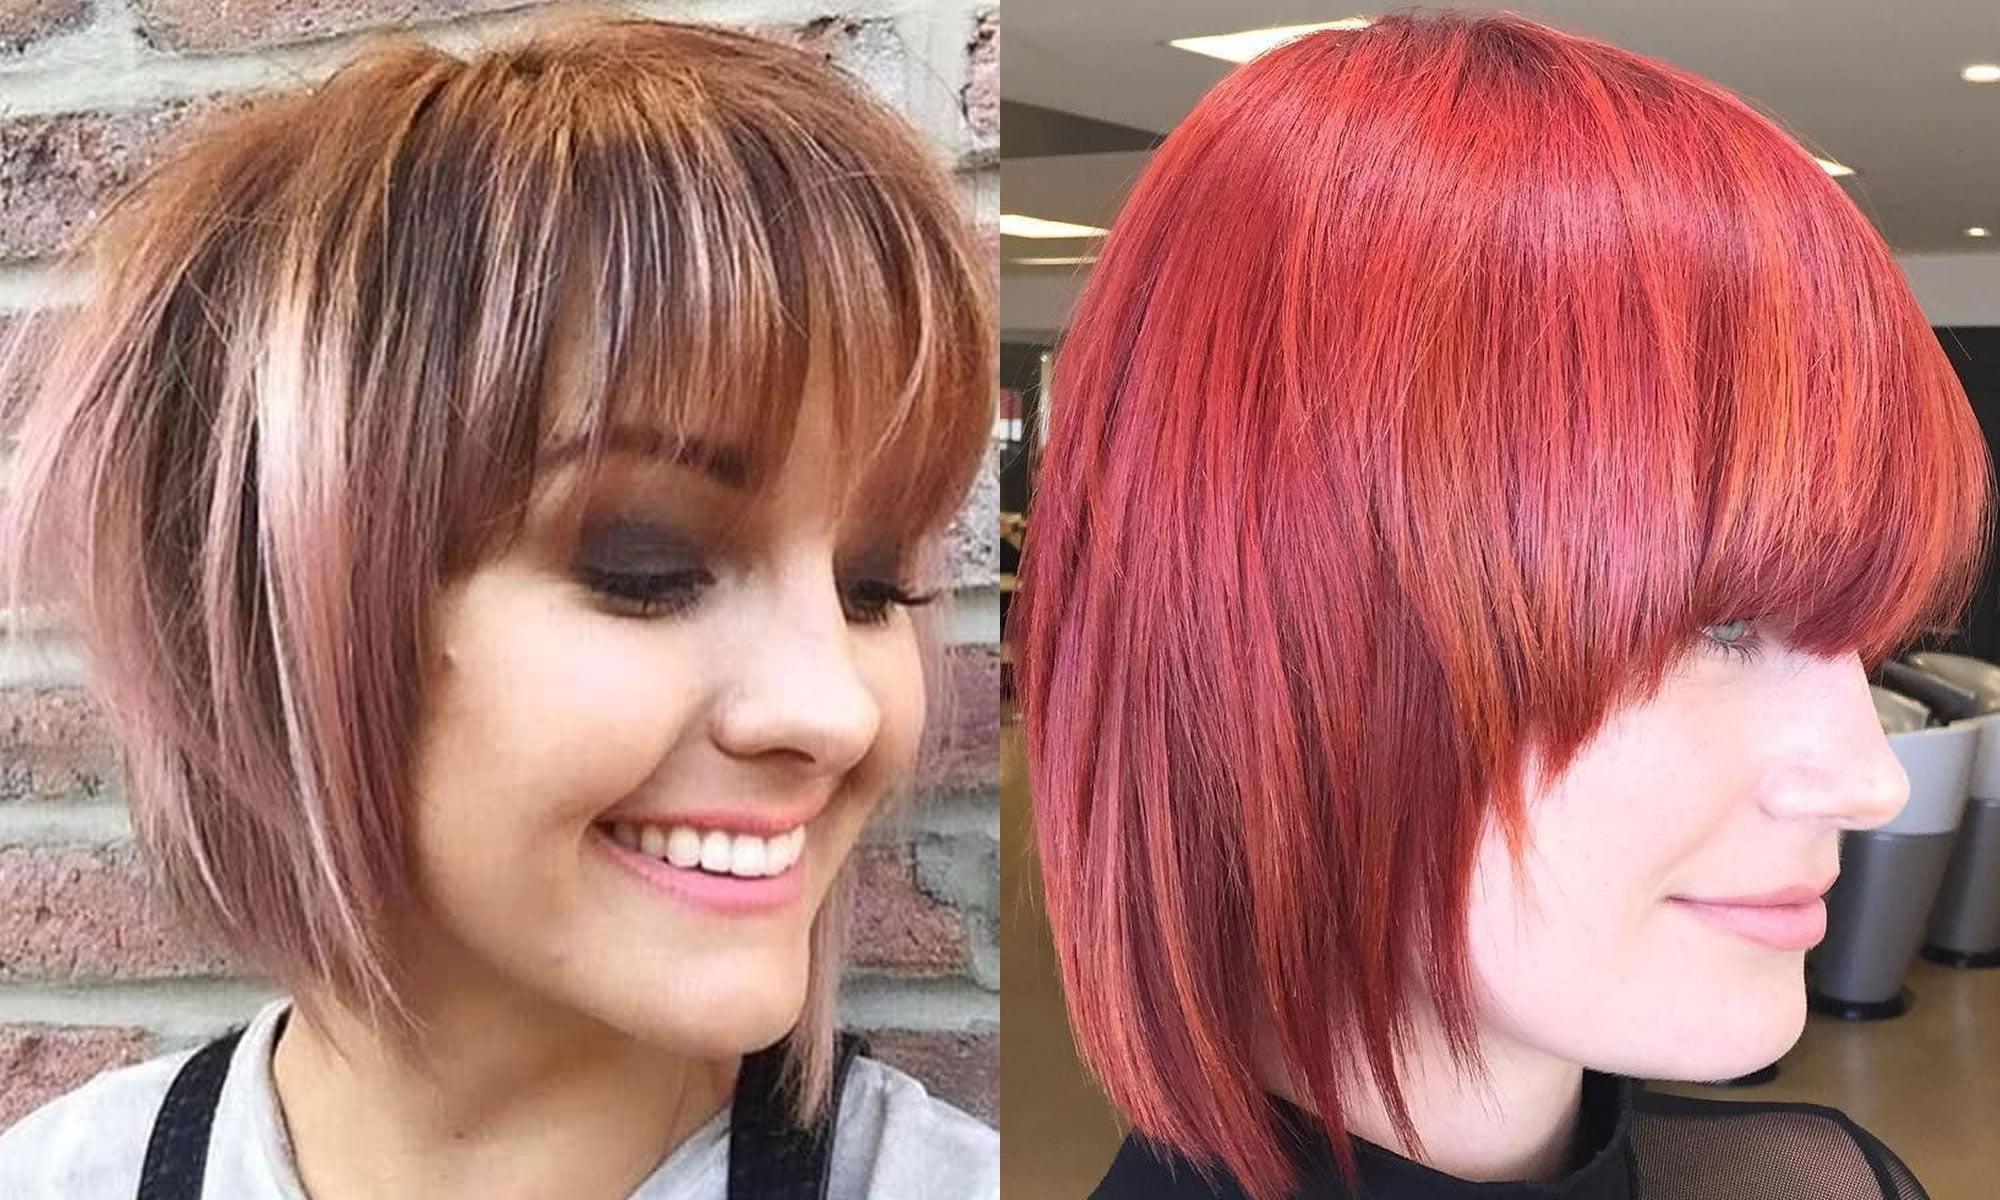 30 Ravishing Short Bob Hair Cuts With Bangs & New Hair Colors ...